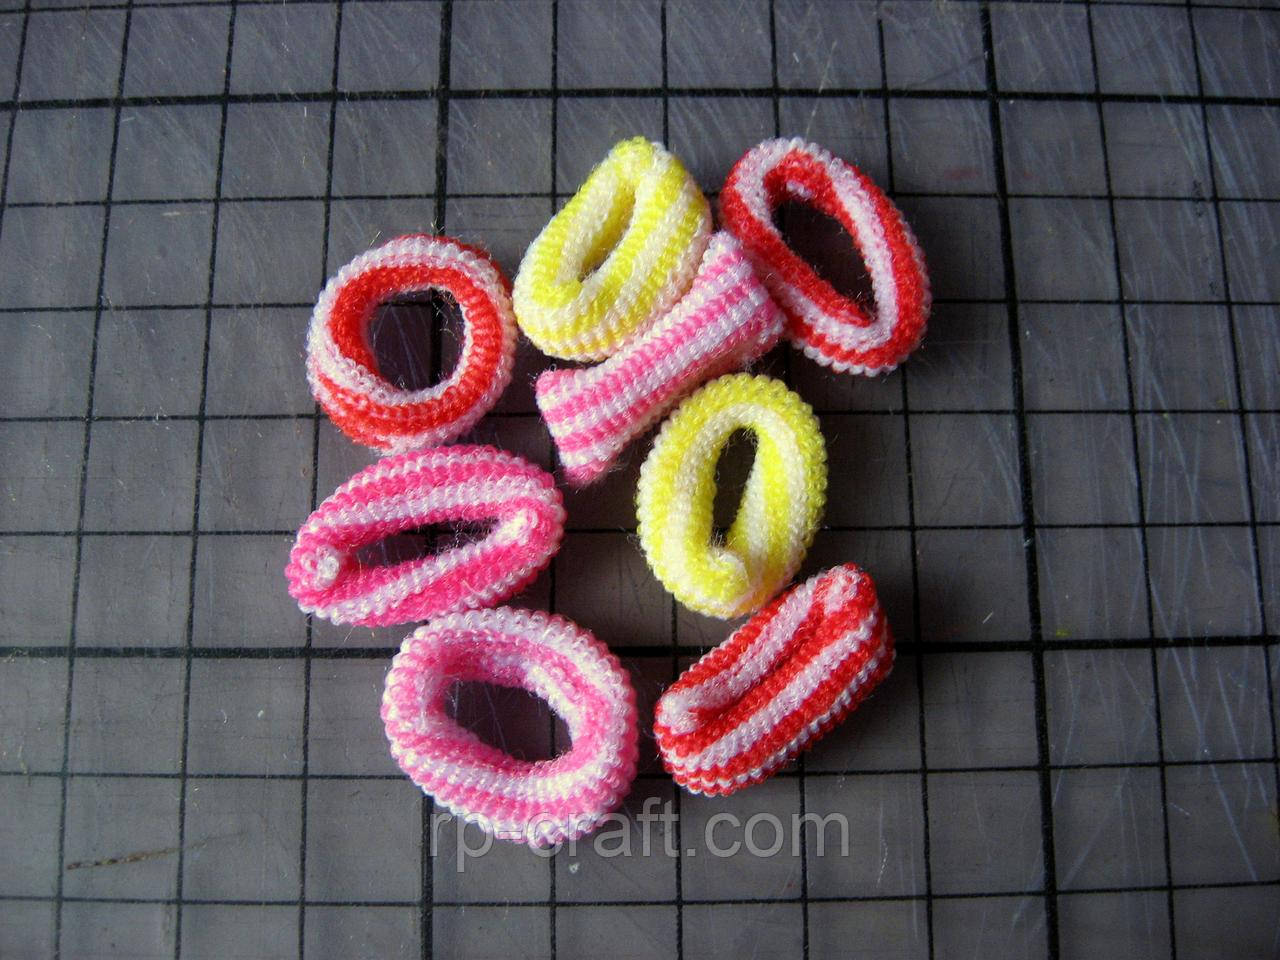 Набор резинок для волос, диаметр 2 см, 8 штук, №6